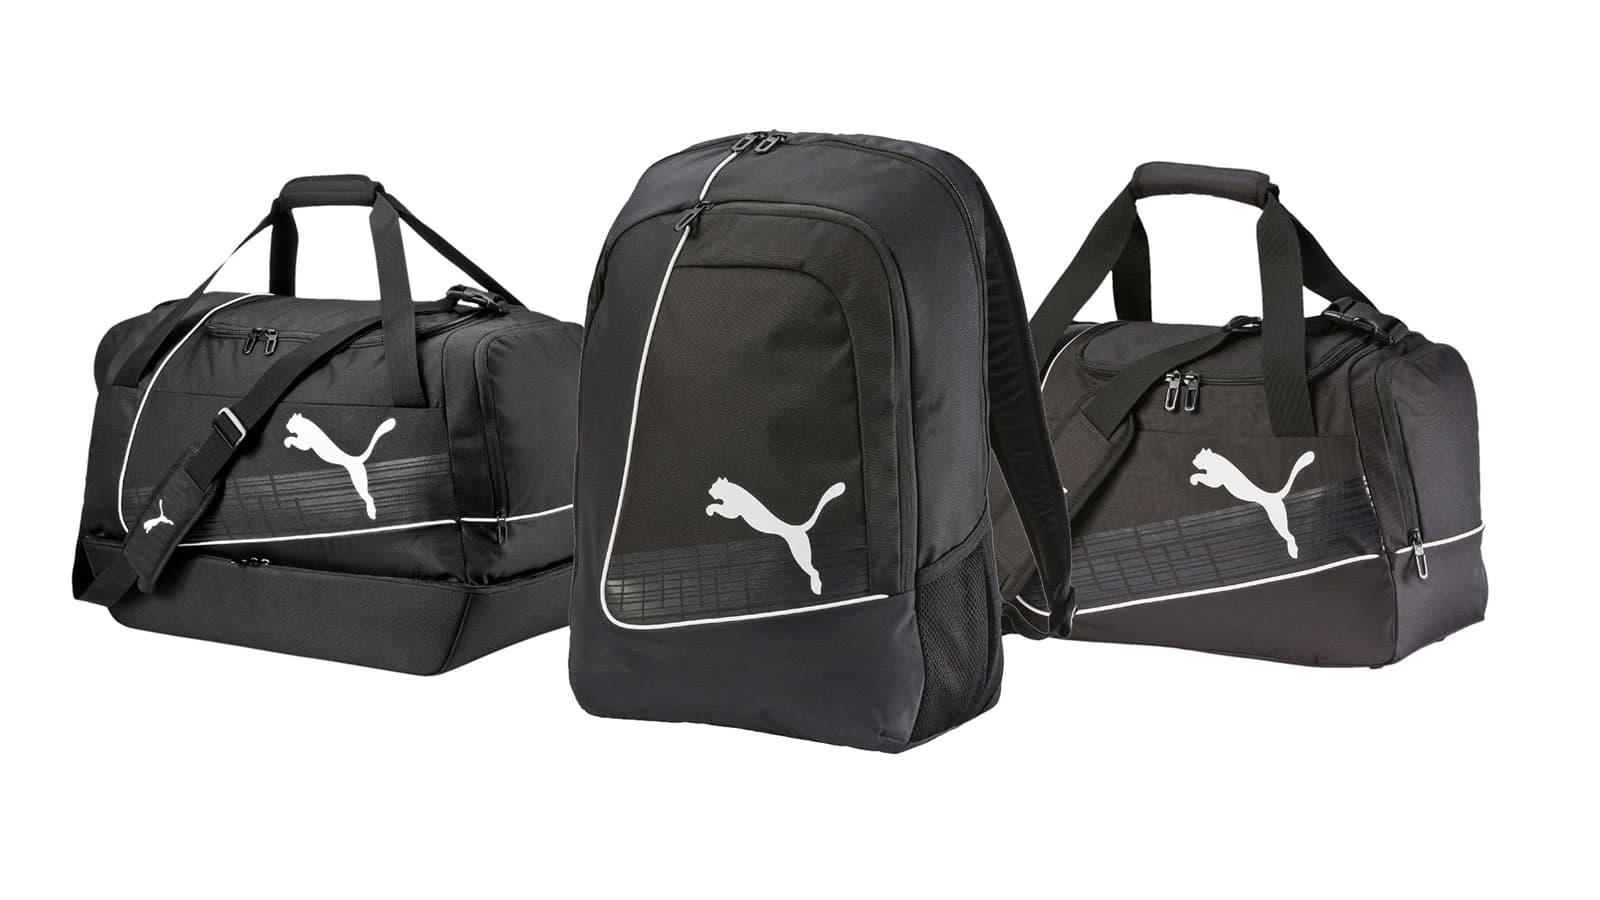 Sporttaschen von Jako, adidas, Erima, Nike und Puma